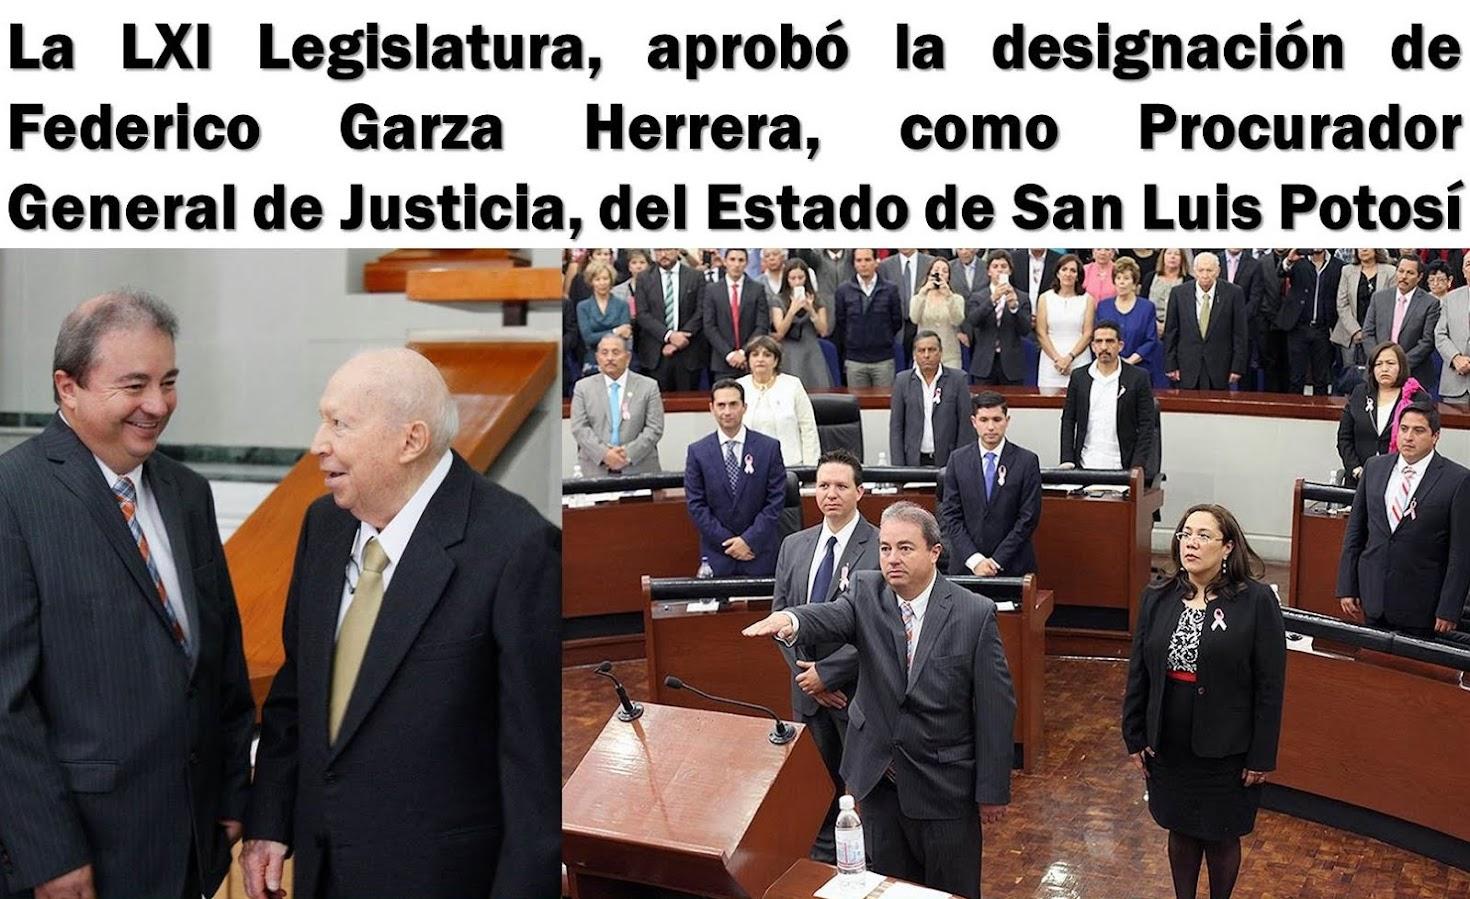 PADRE E HIJO: DOS PROCURADORES DE JUSTICIA